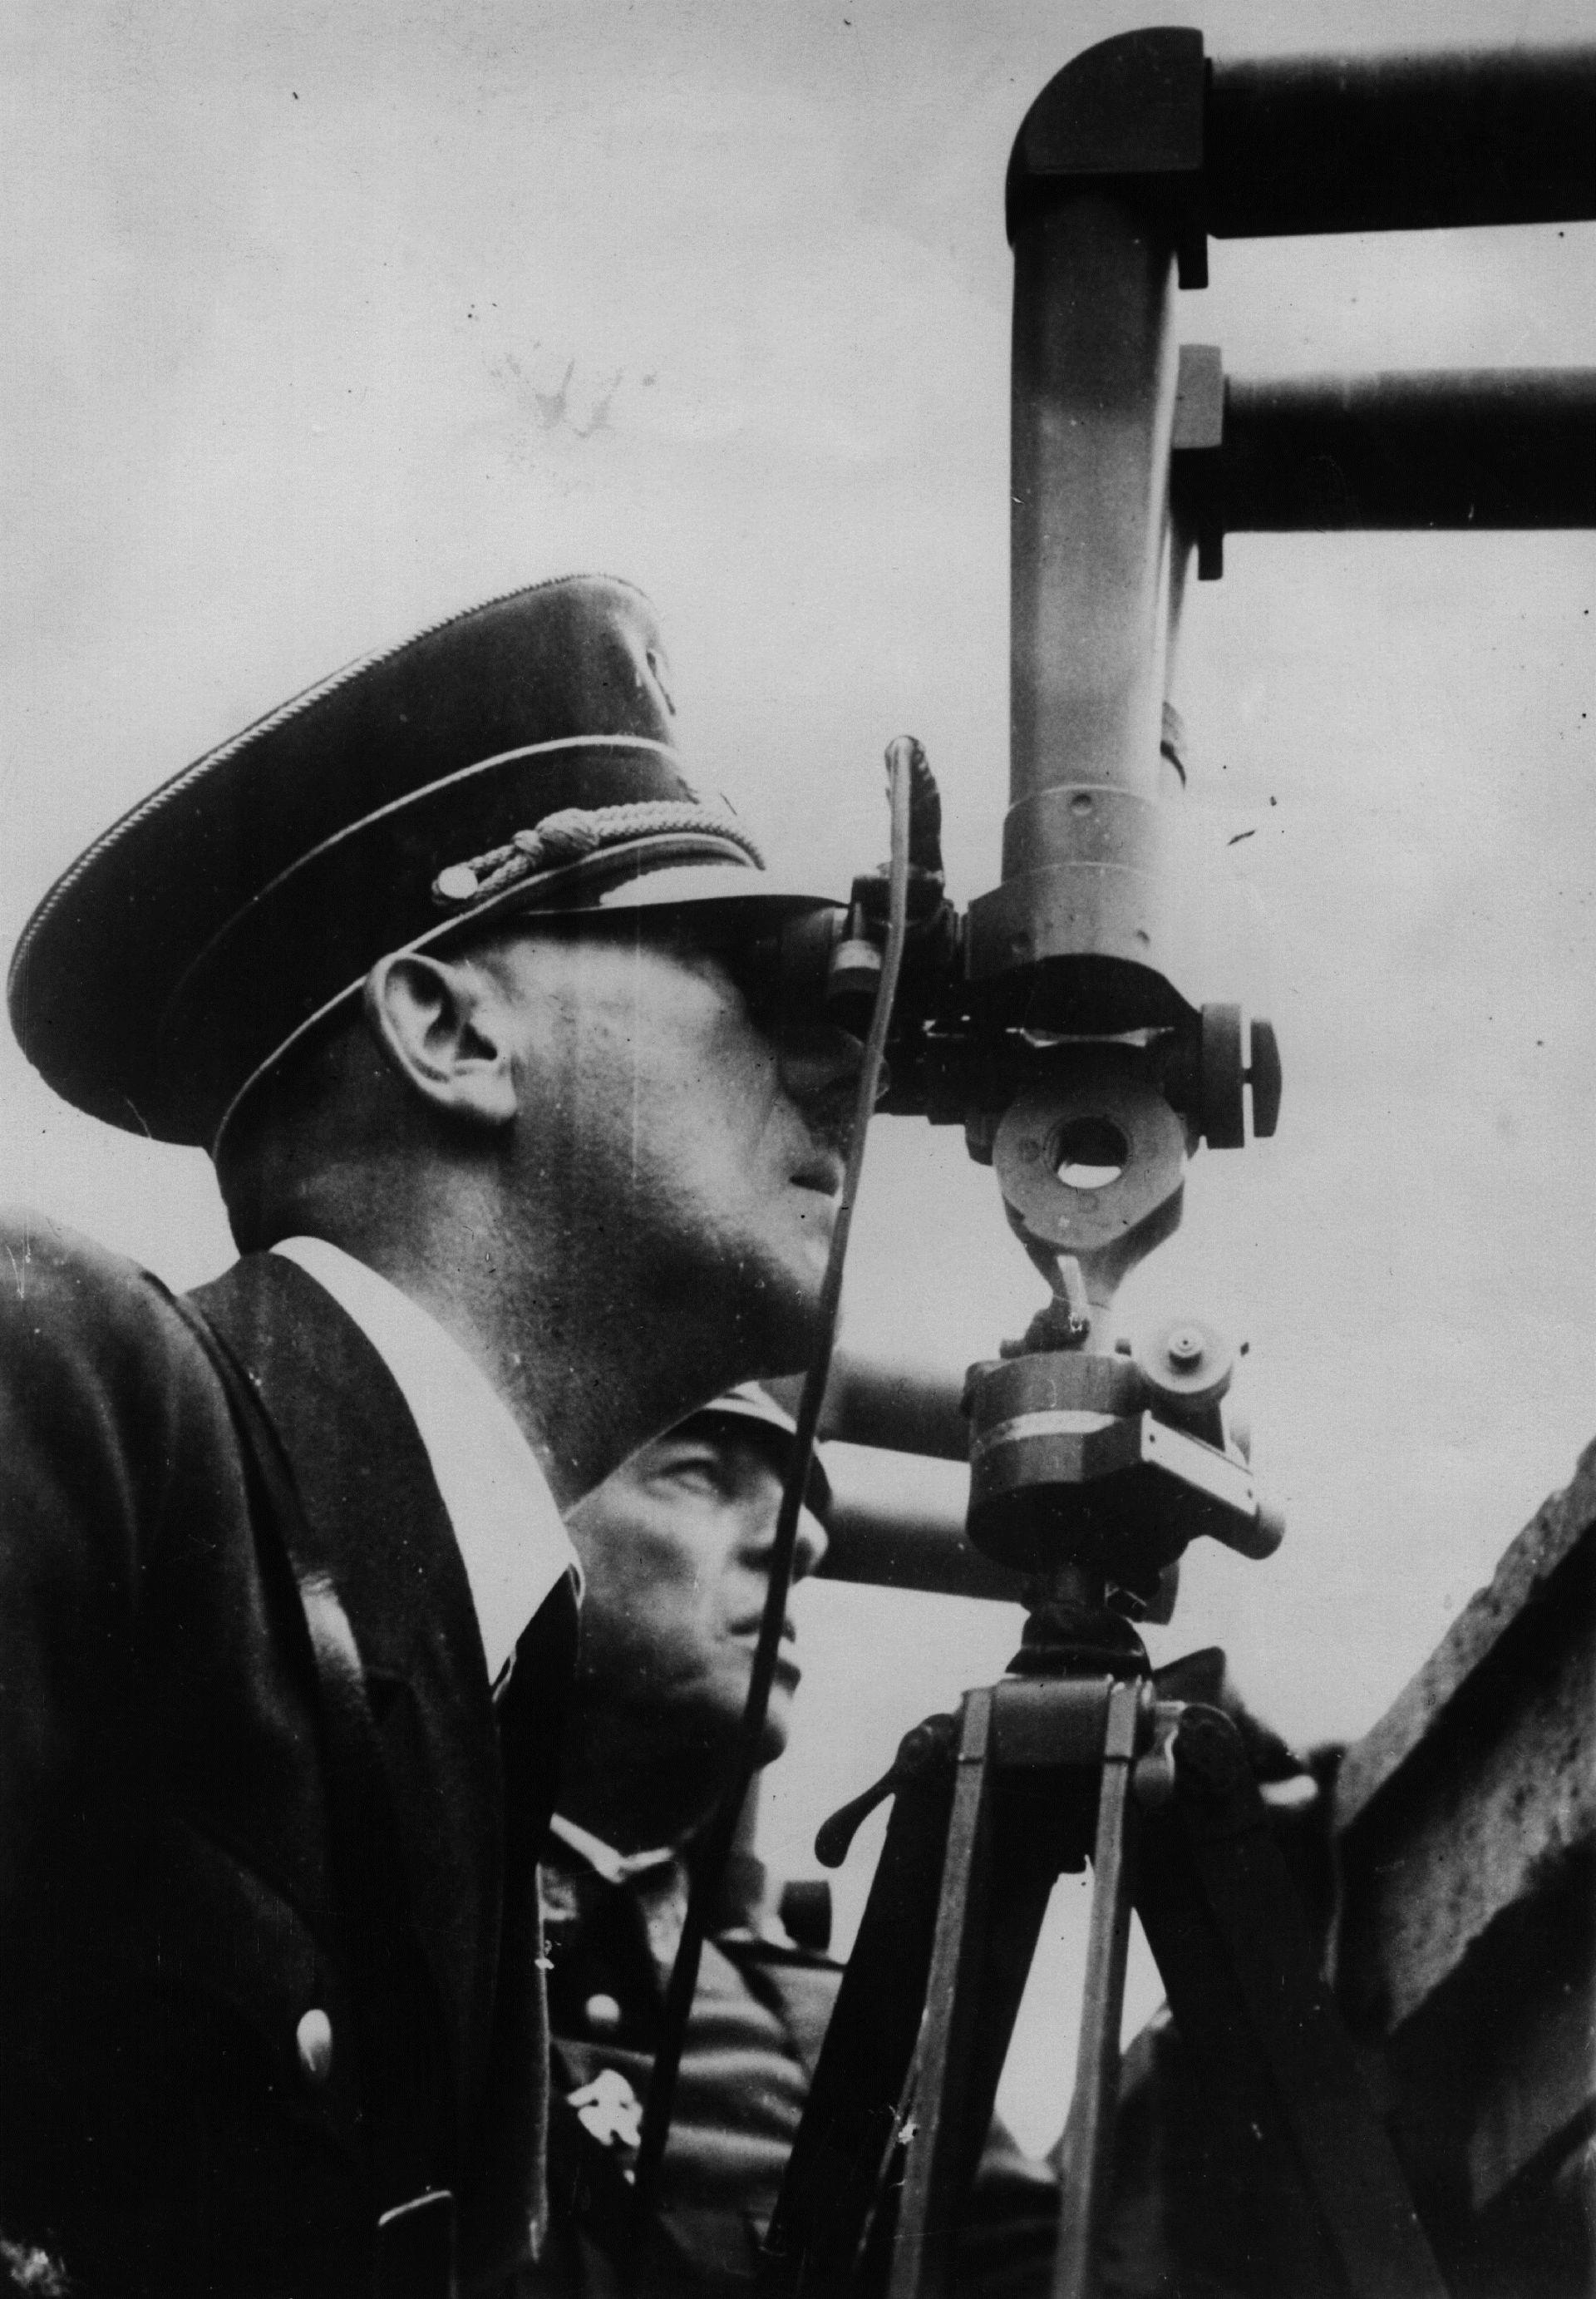 6 октомври 1939 г.: С двете очи, залепени с перископ, германският диктатор Адолф Хитлер (1889 - 1945) злорадства над руините на Варшава